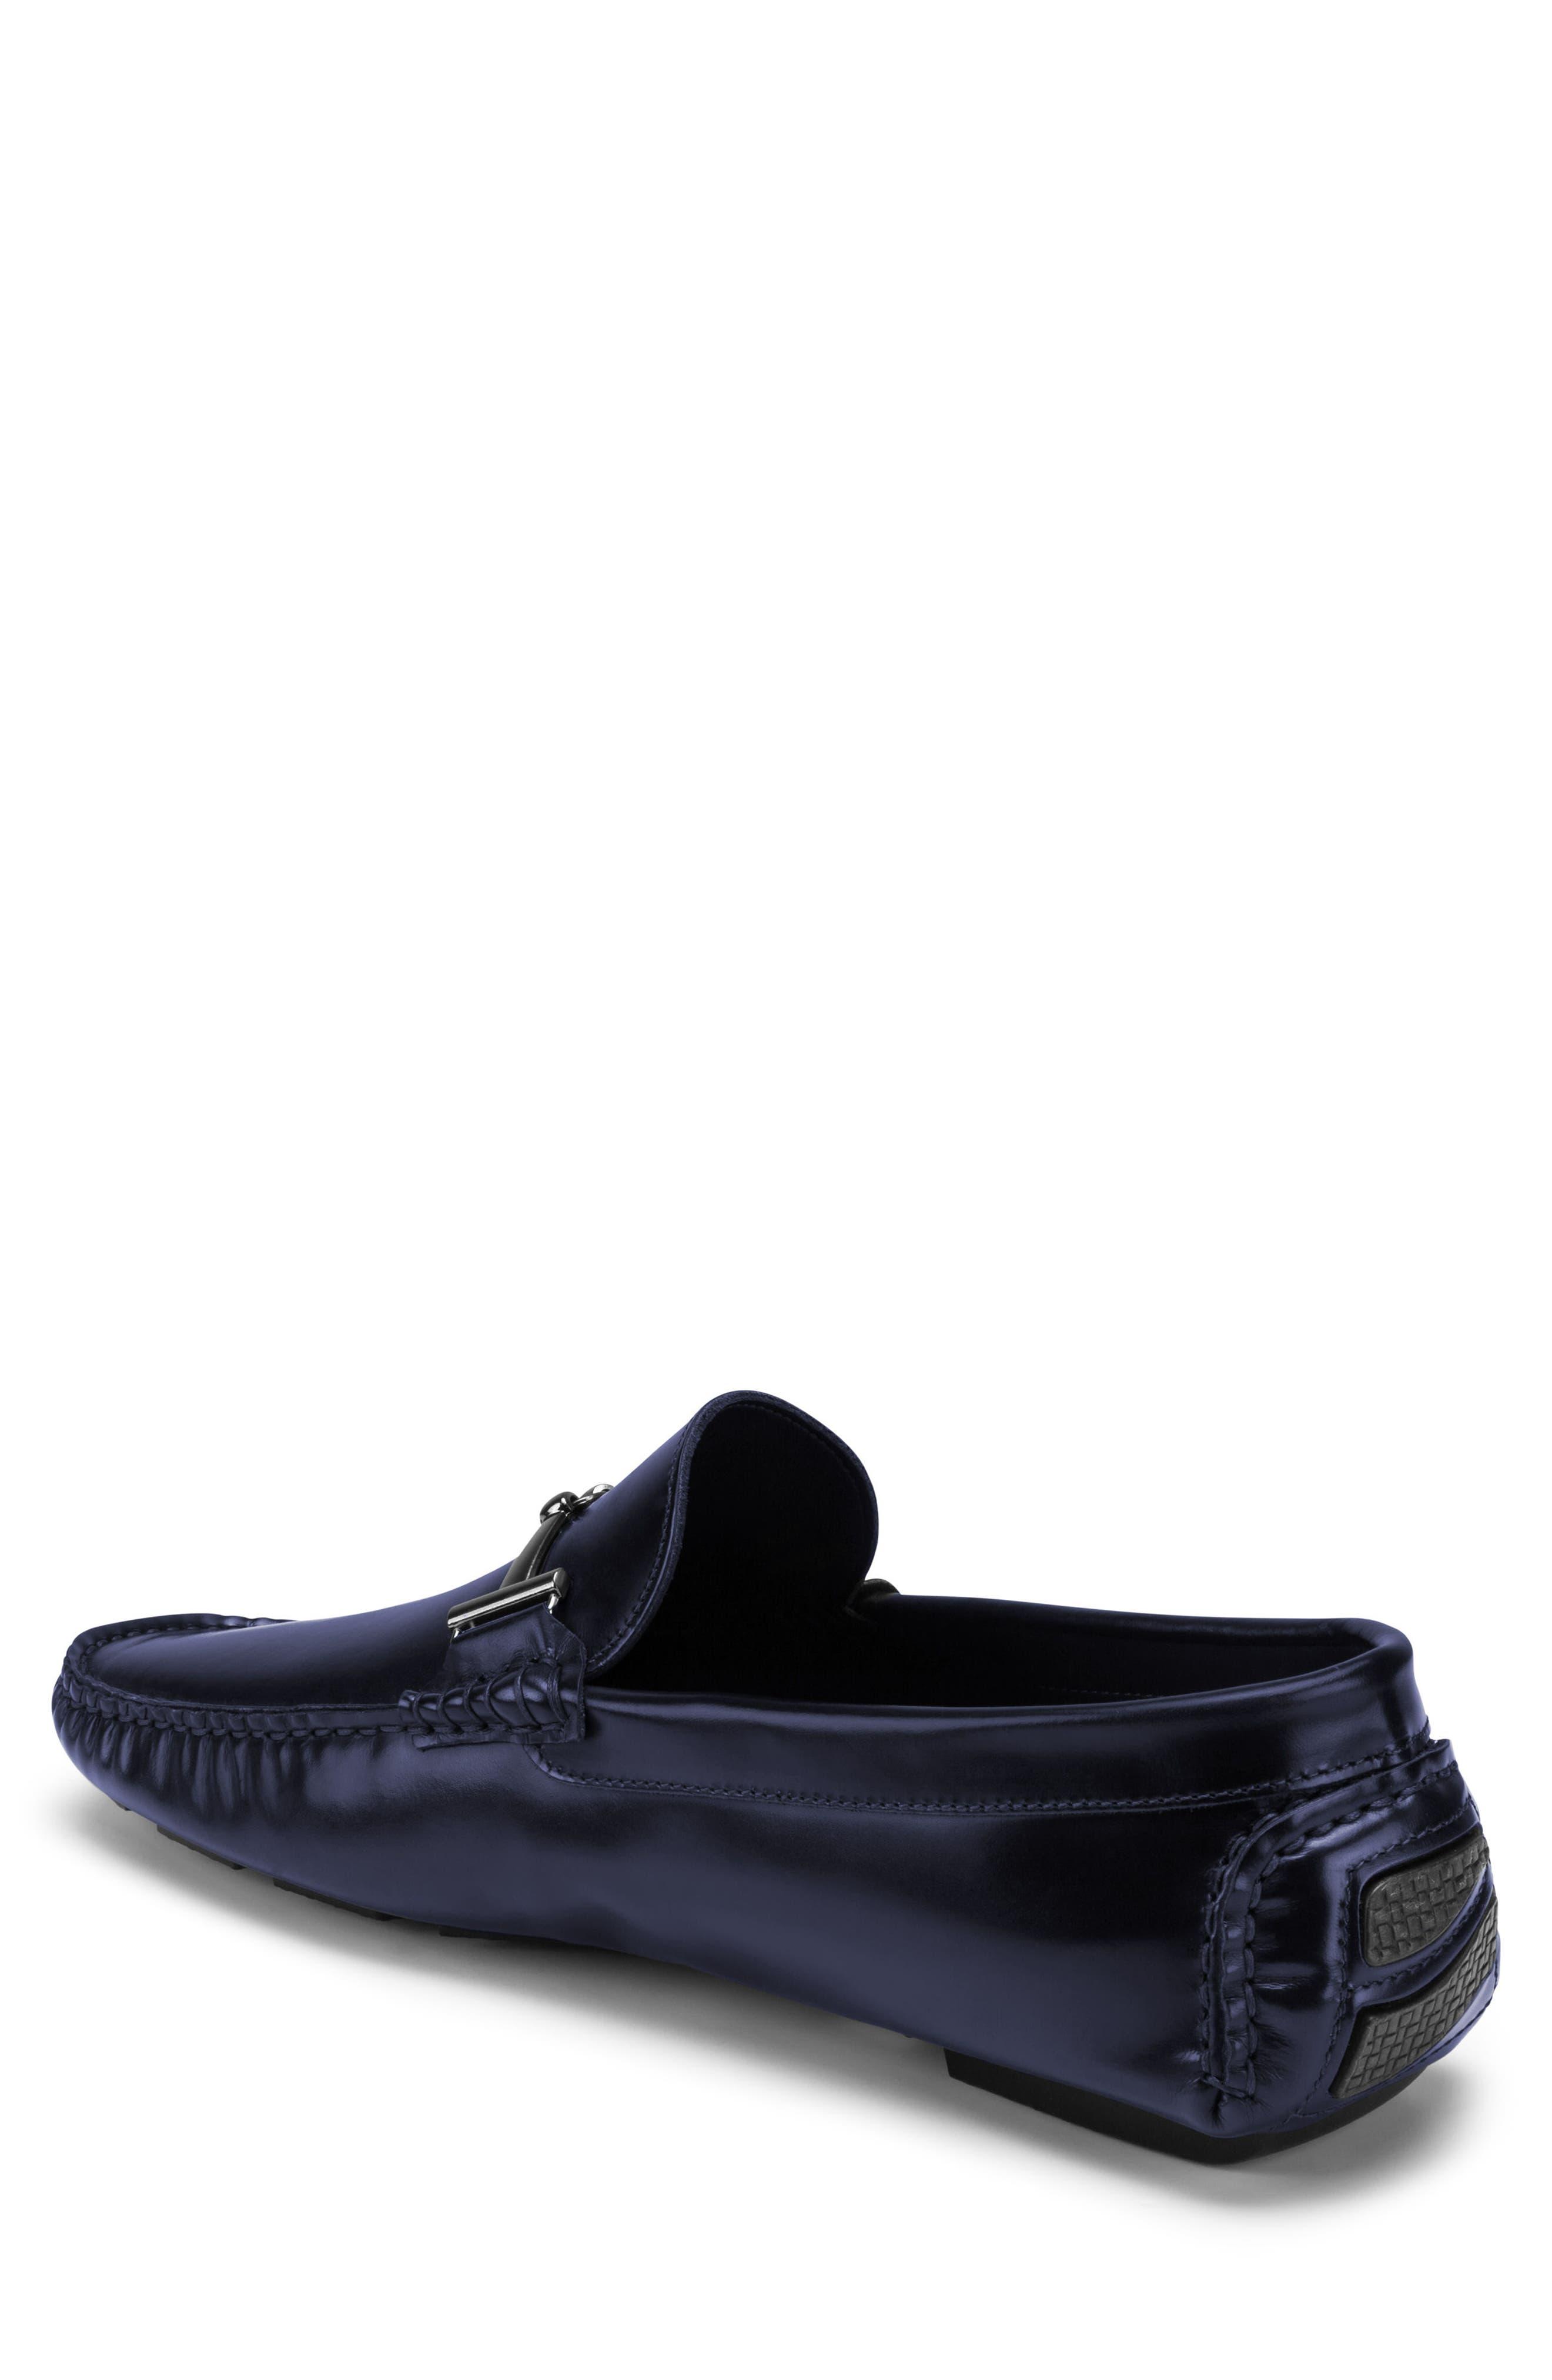 St. Tropez Driving Shoe,                             Alternate thumbnail 2, color,                             Blue Leather